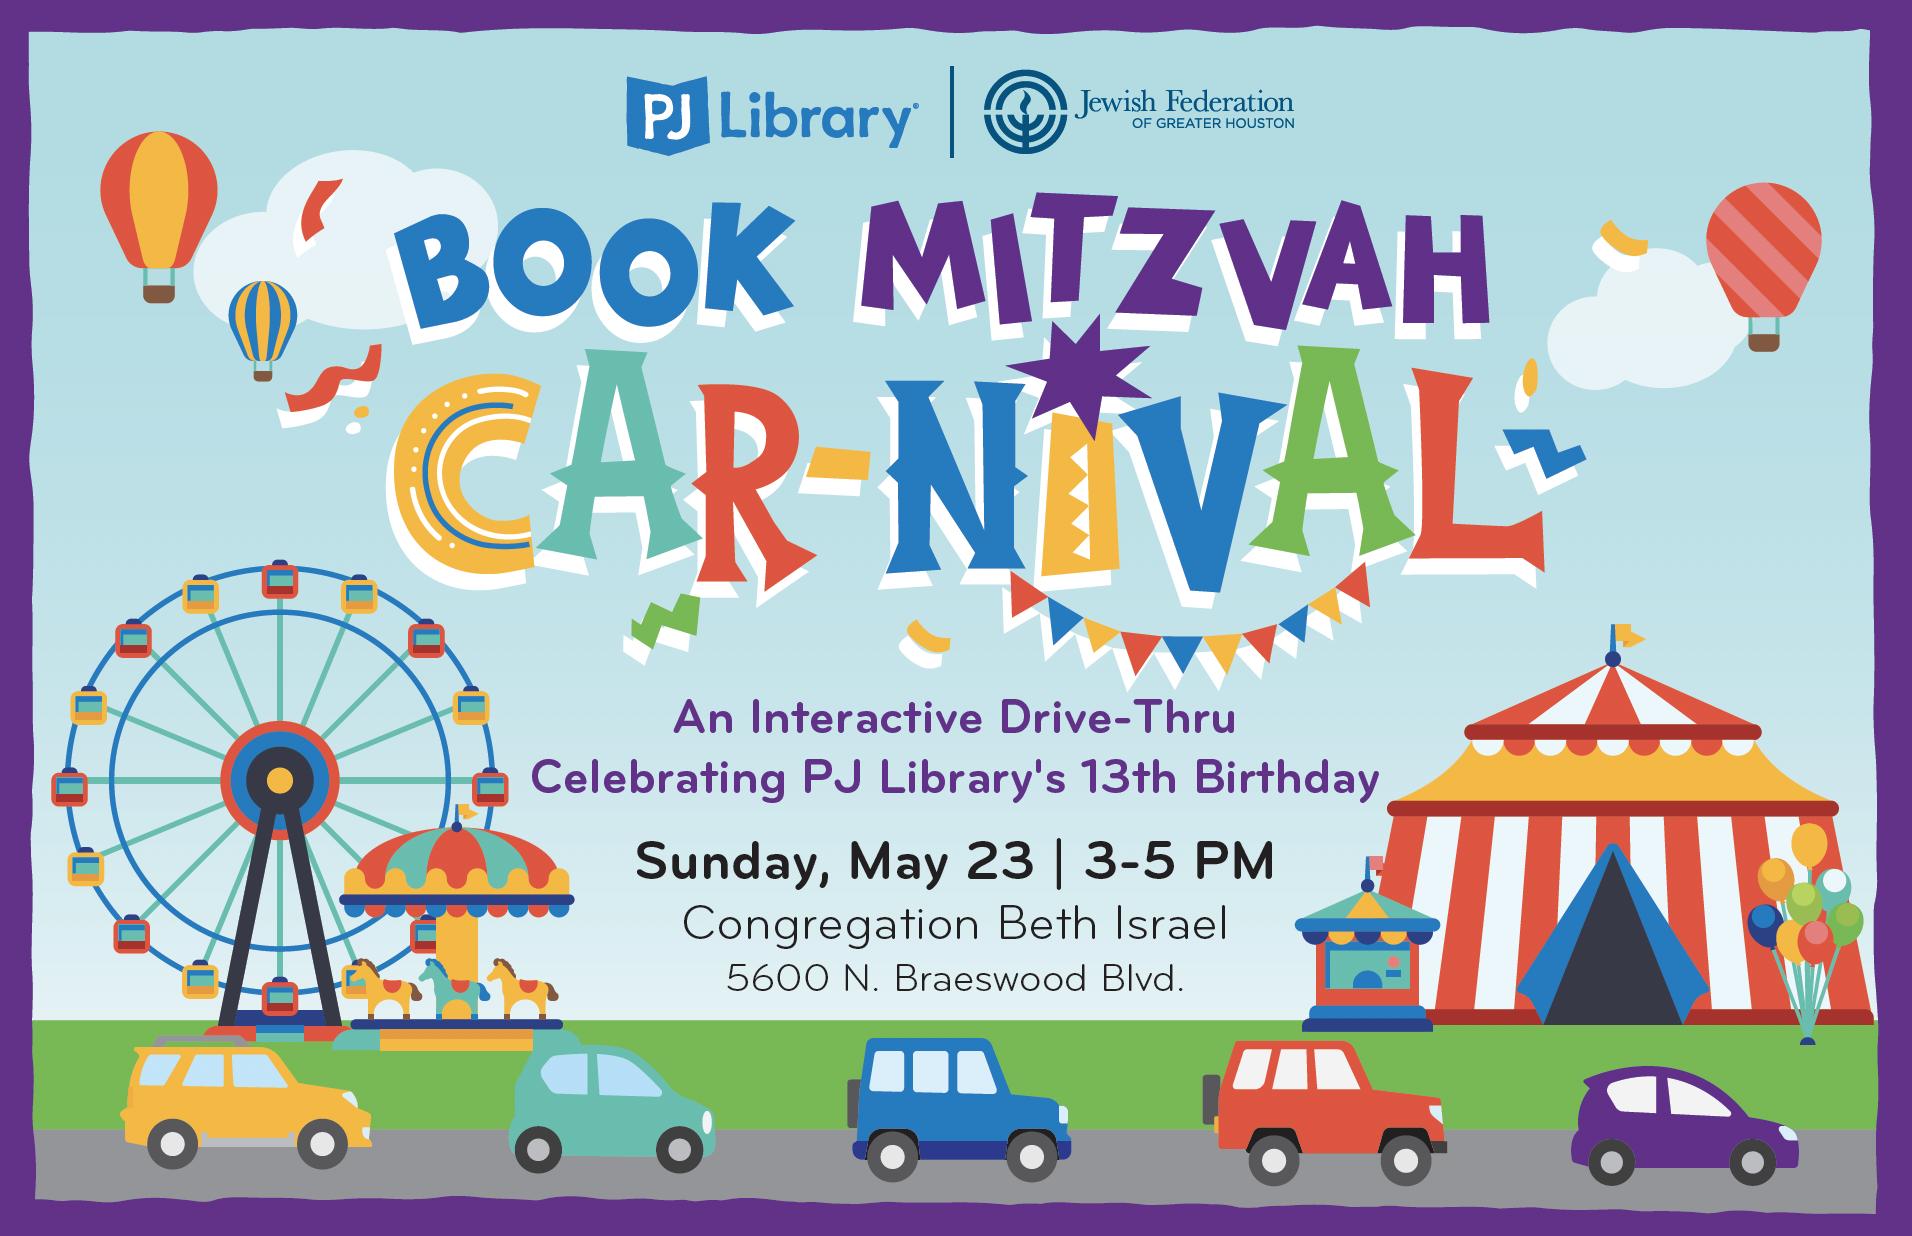 BookMitzvah